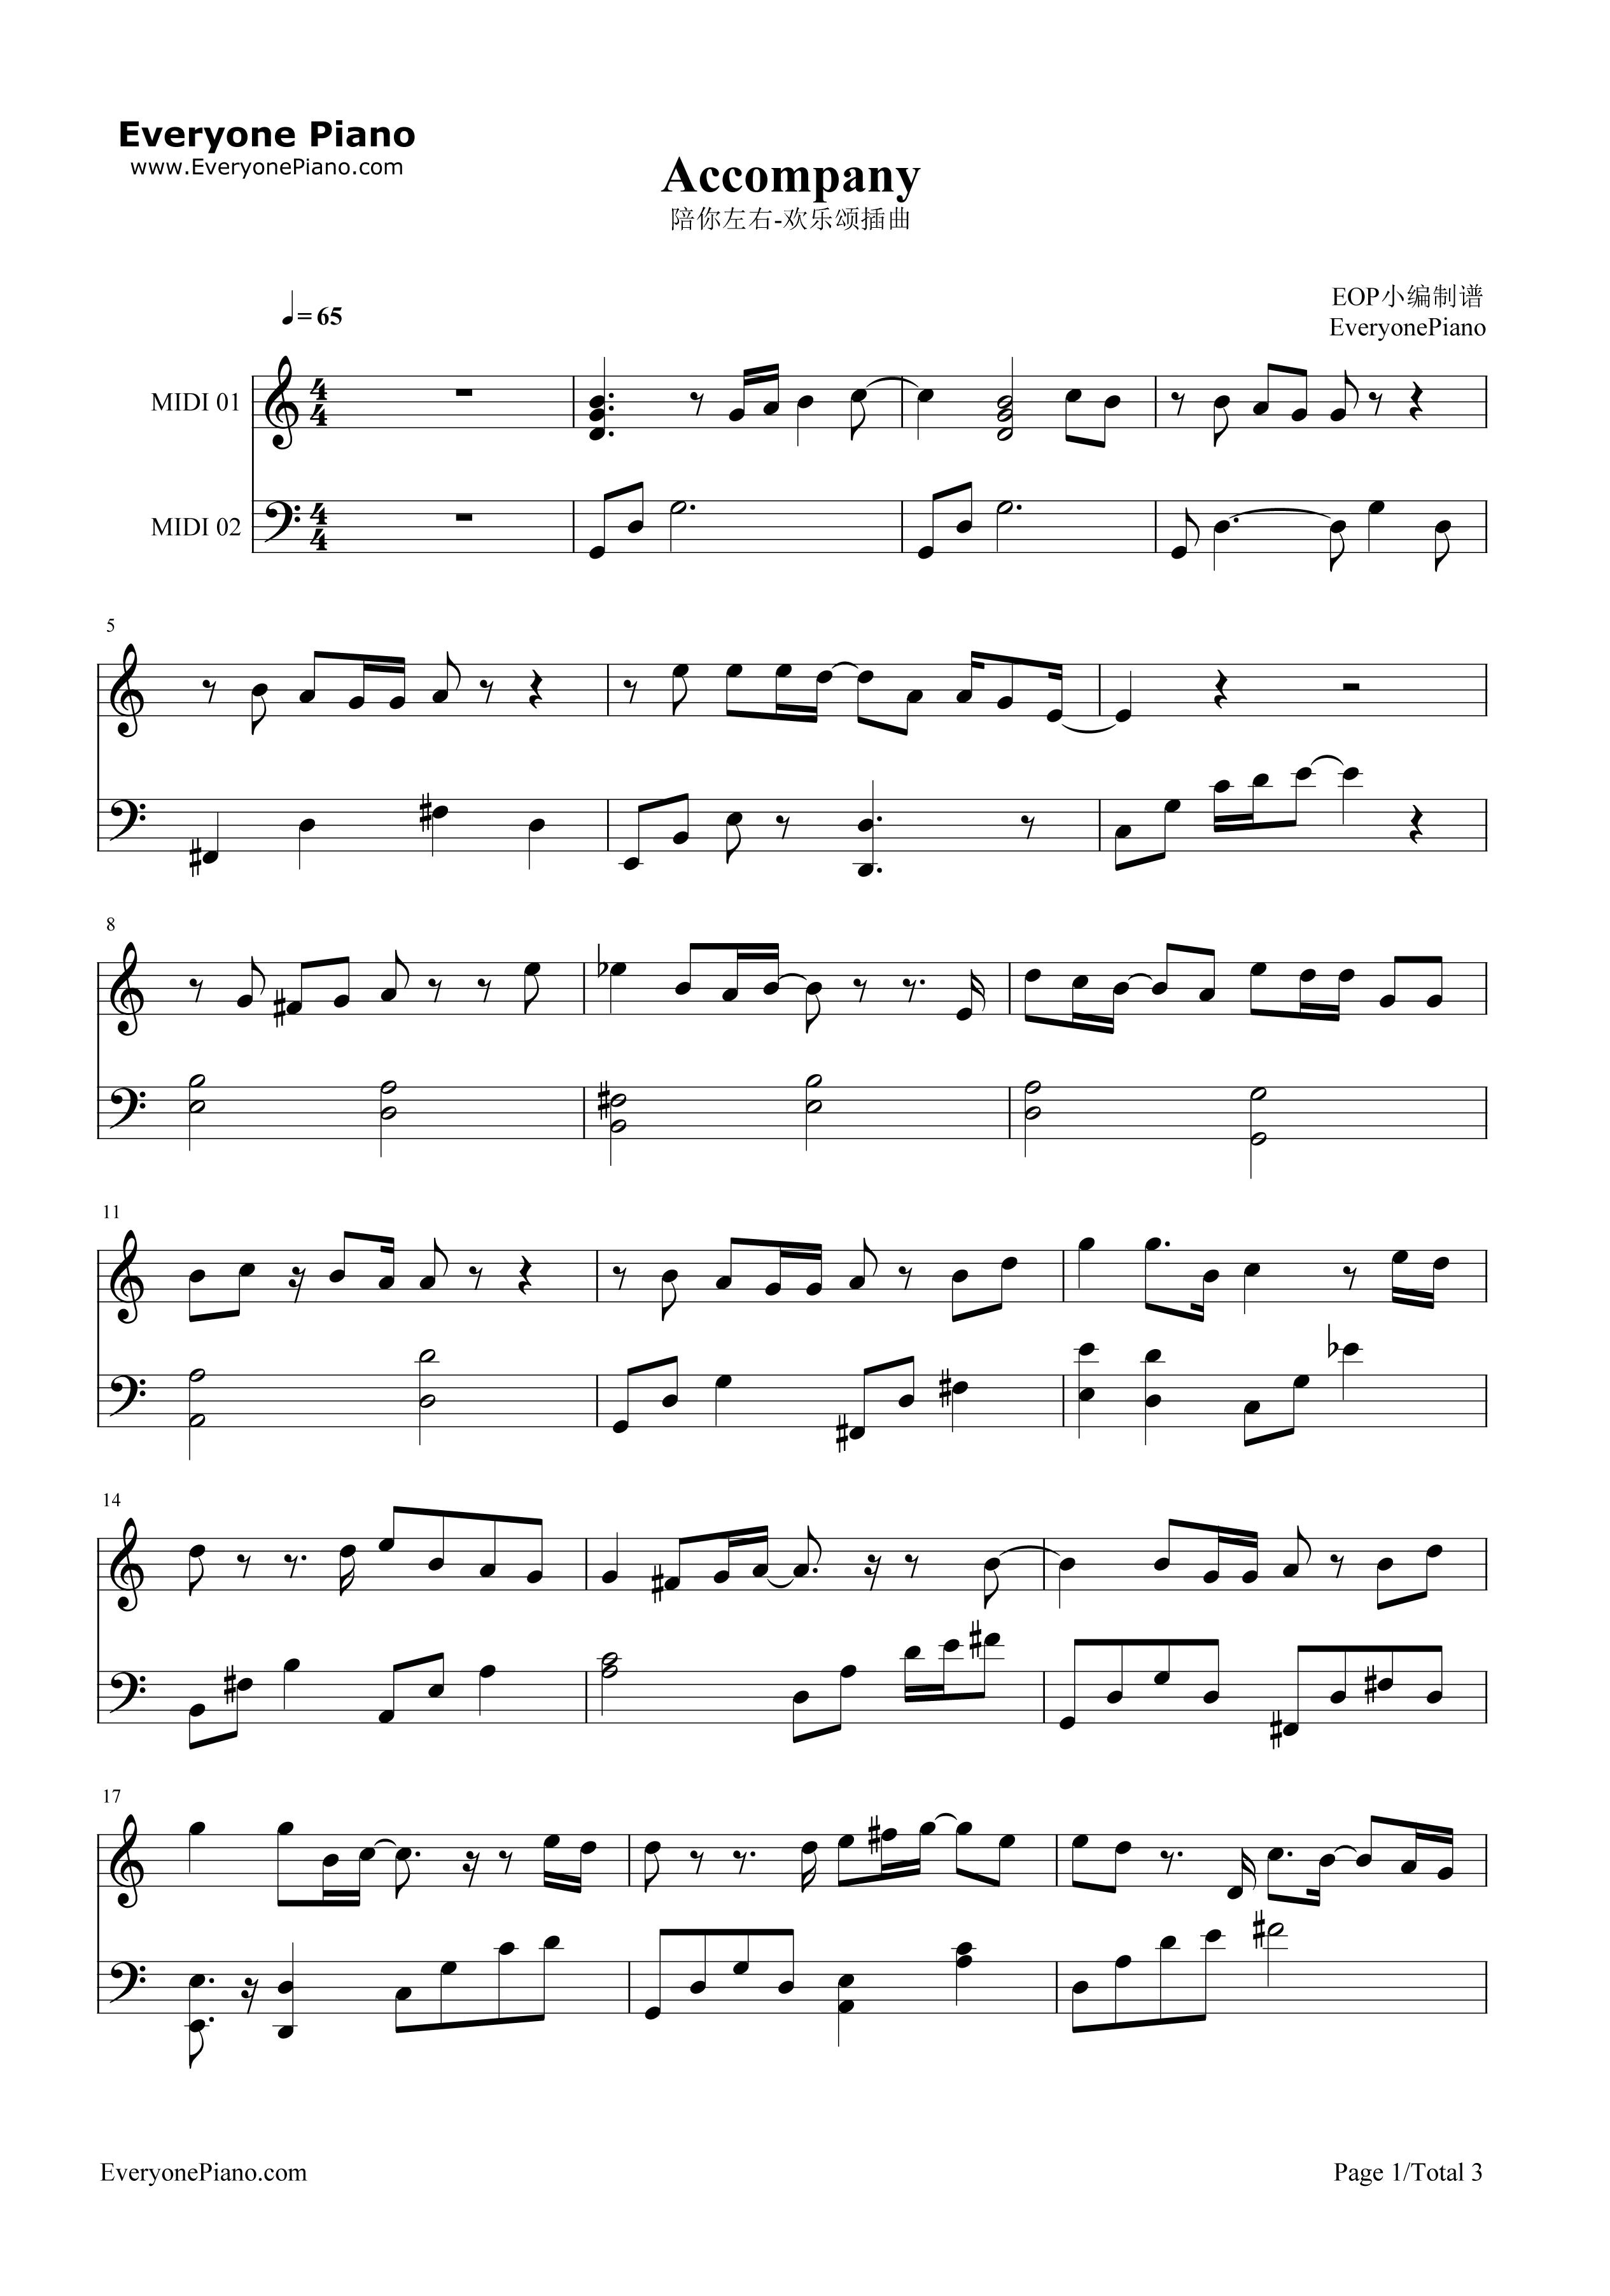 陪你左右-欢乐颂插曲五线谱预览1-钢琴谱(五线谱,双手